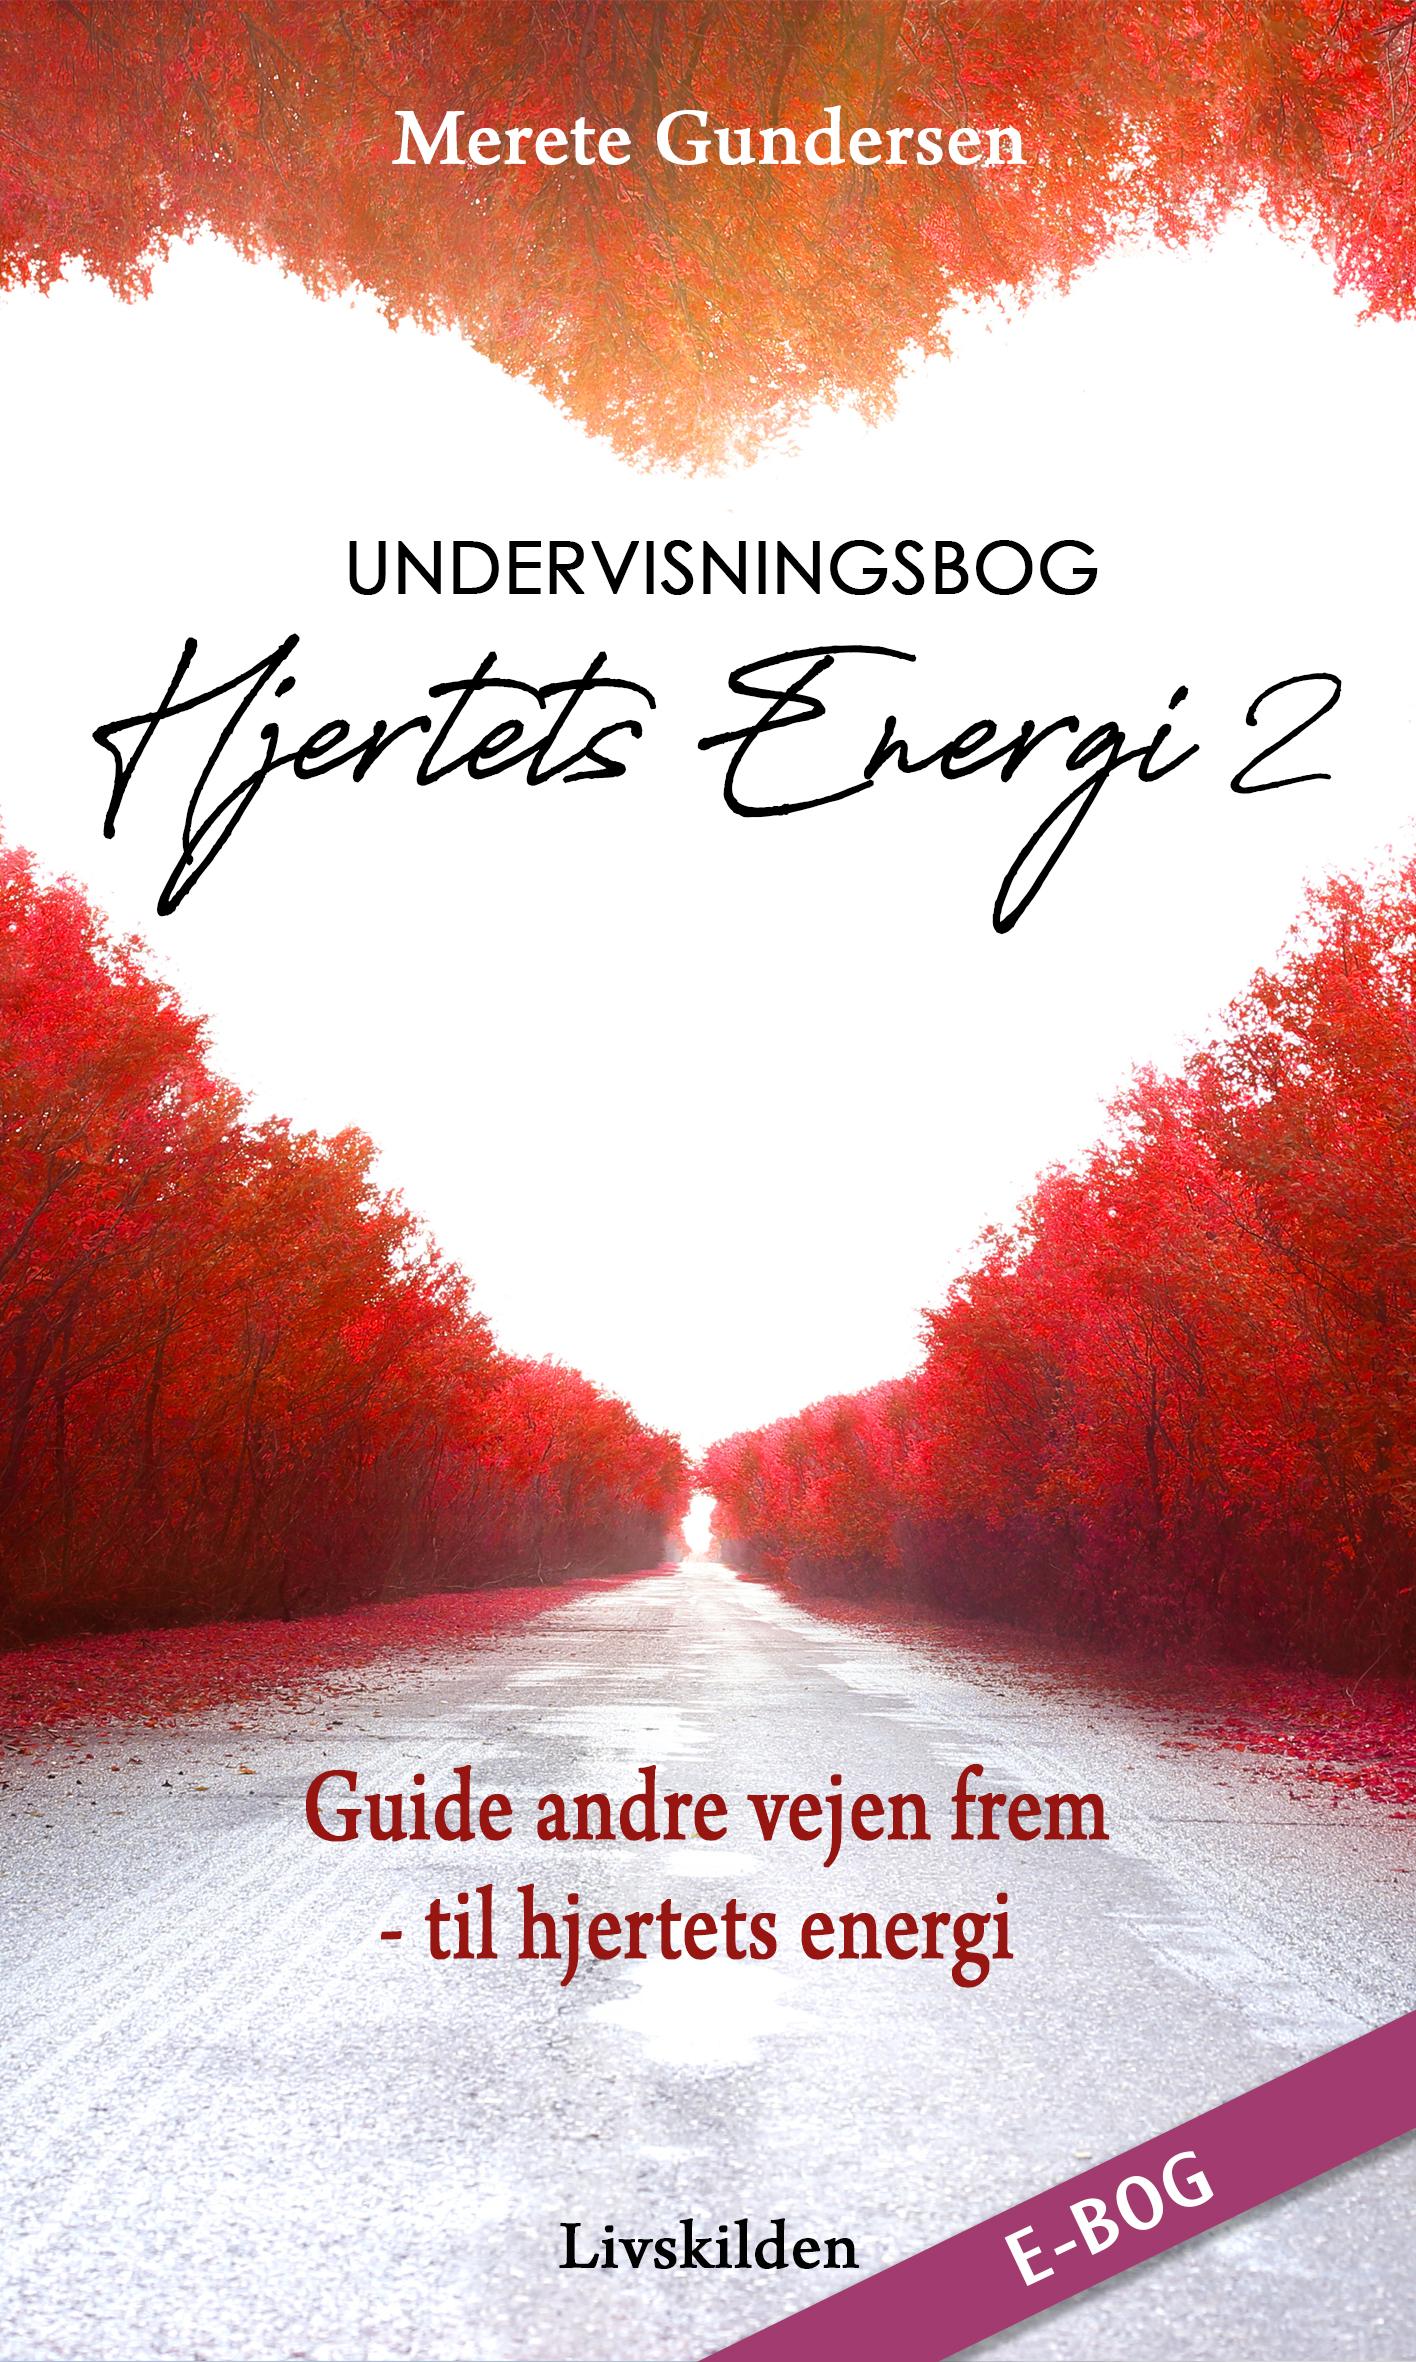 E-bog: Hjertes Energi 2, undervisningsbog